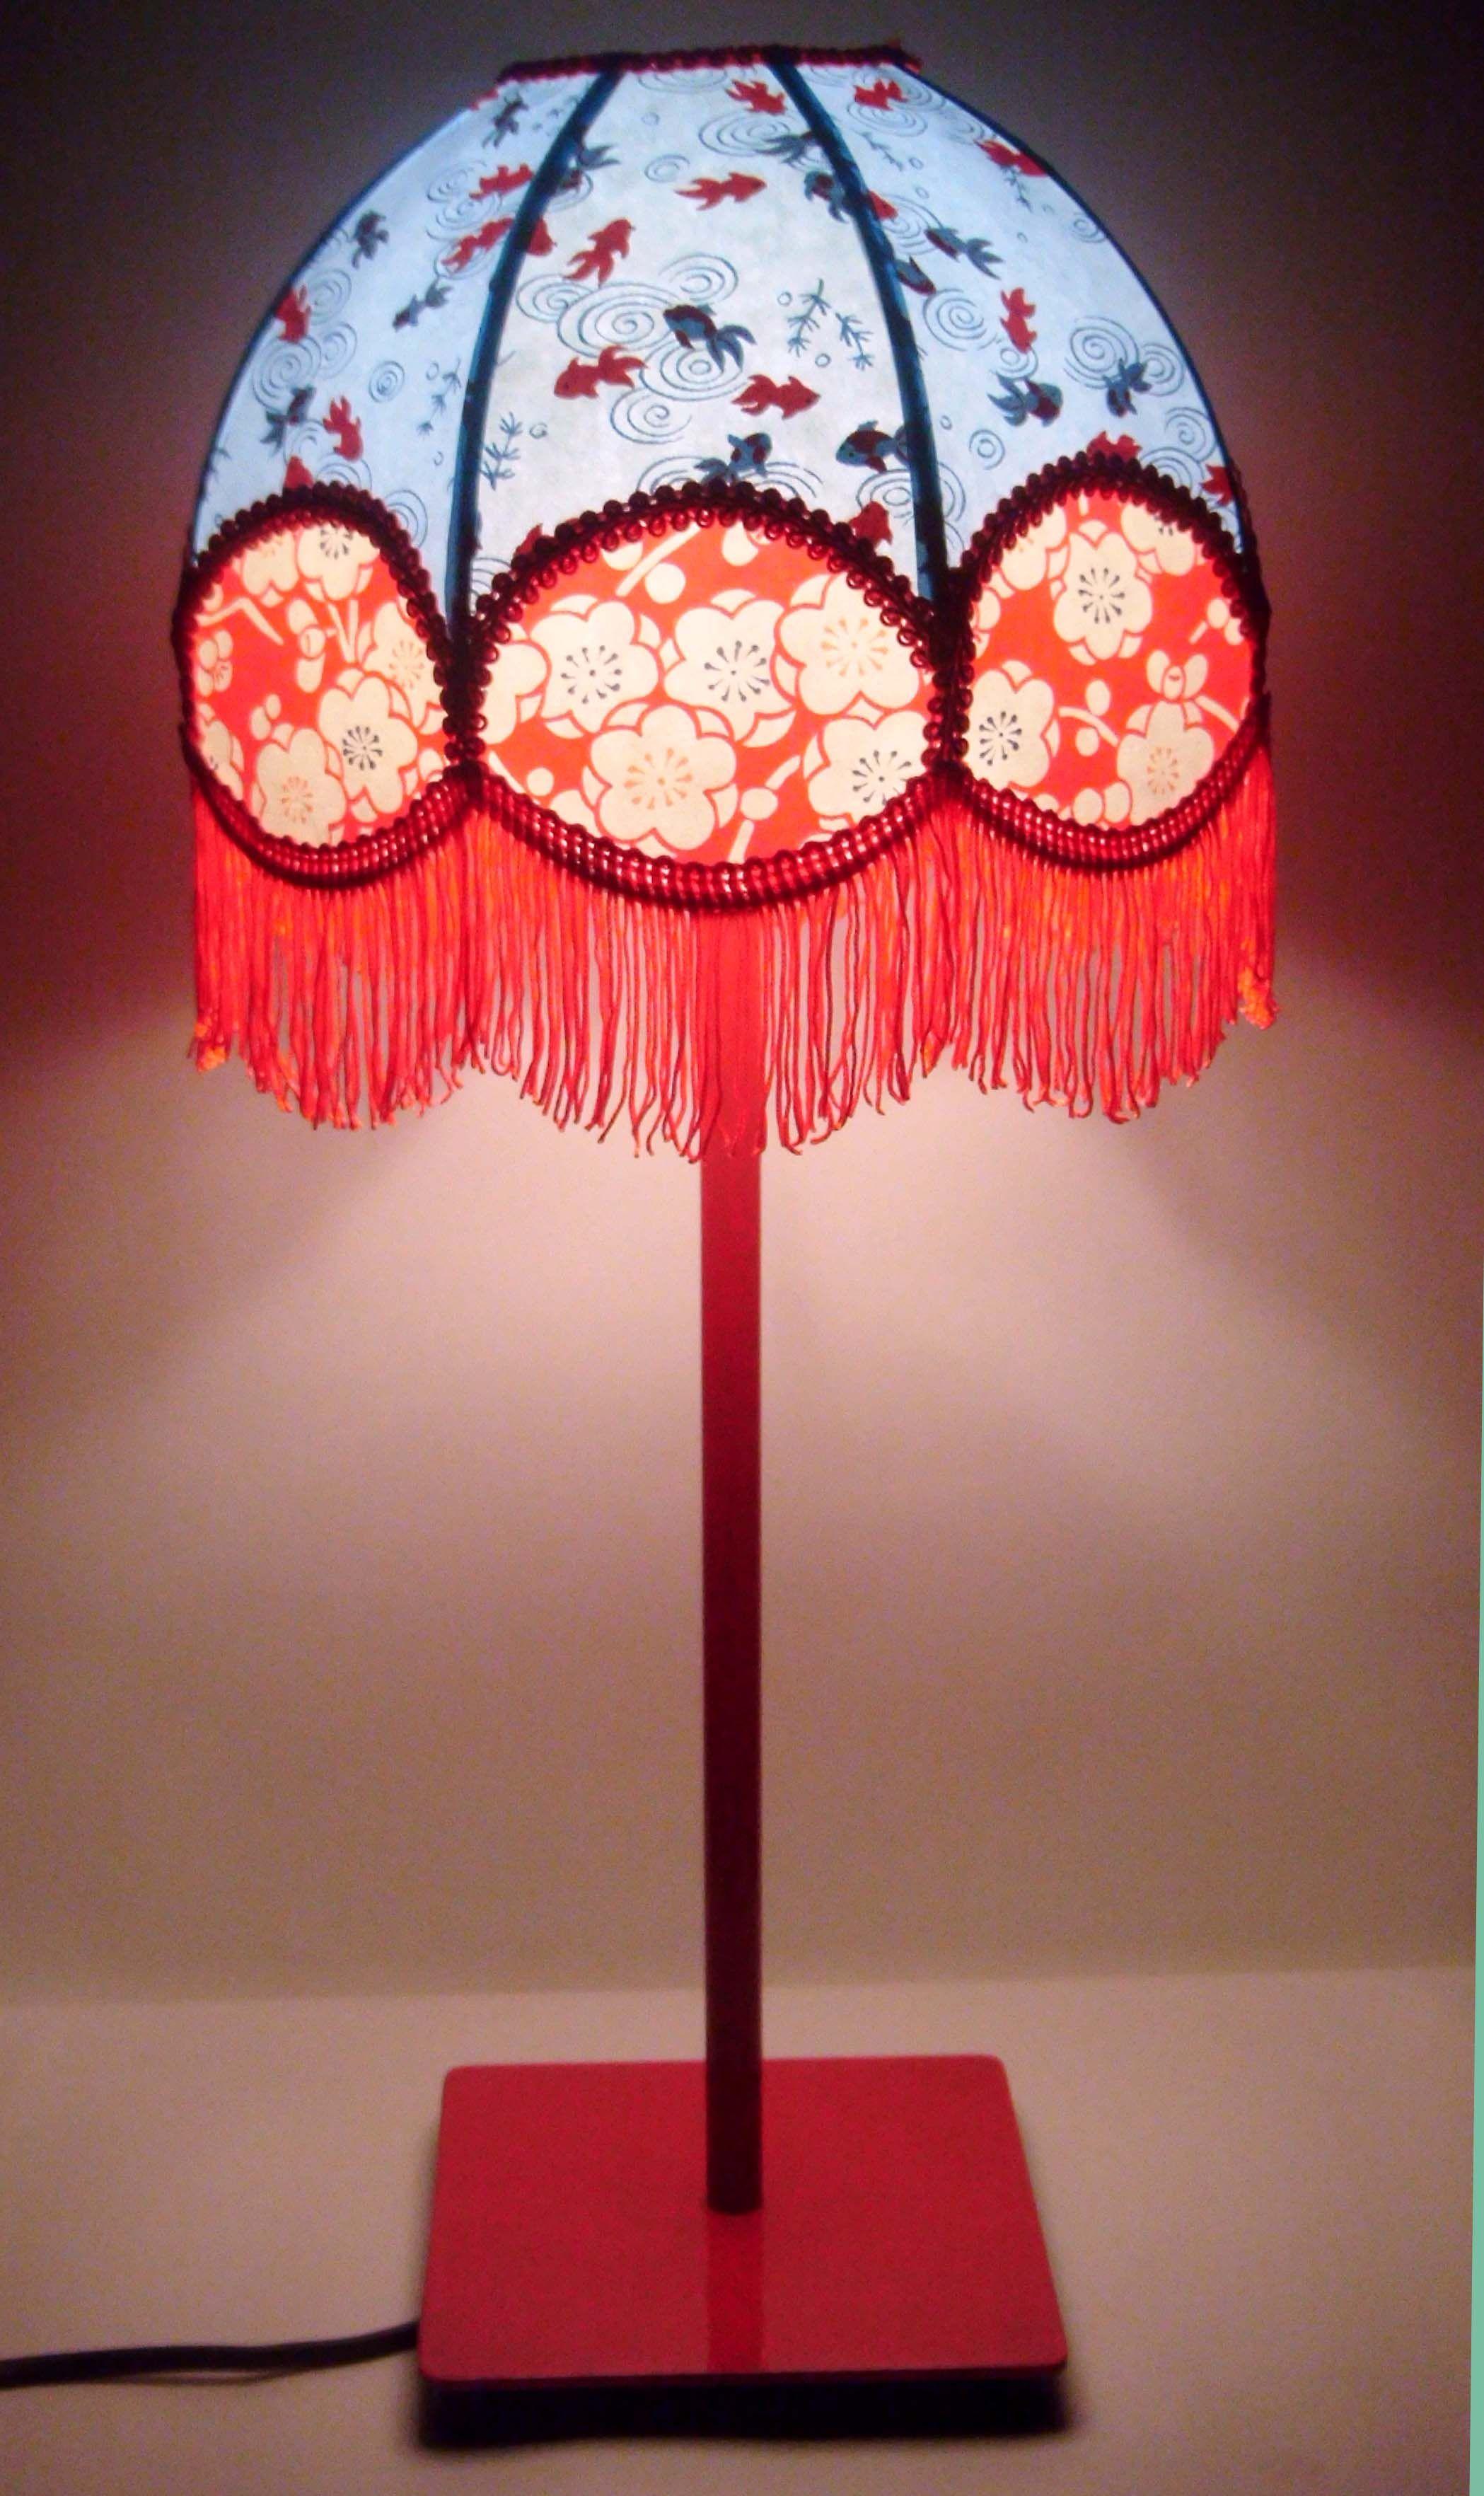 Merveilleux Lampe De Chevet Rétro, Asiatique En Papier Japonais Turquoise Et Rouge,  Frange Rouge. Déco Bohème. Déco Hippie Chic.